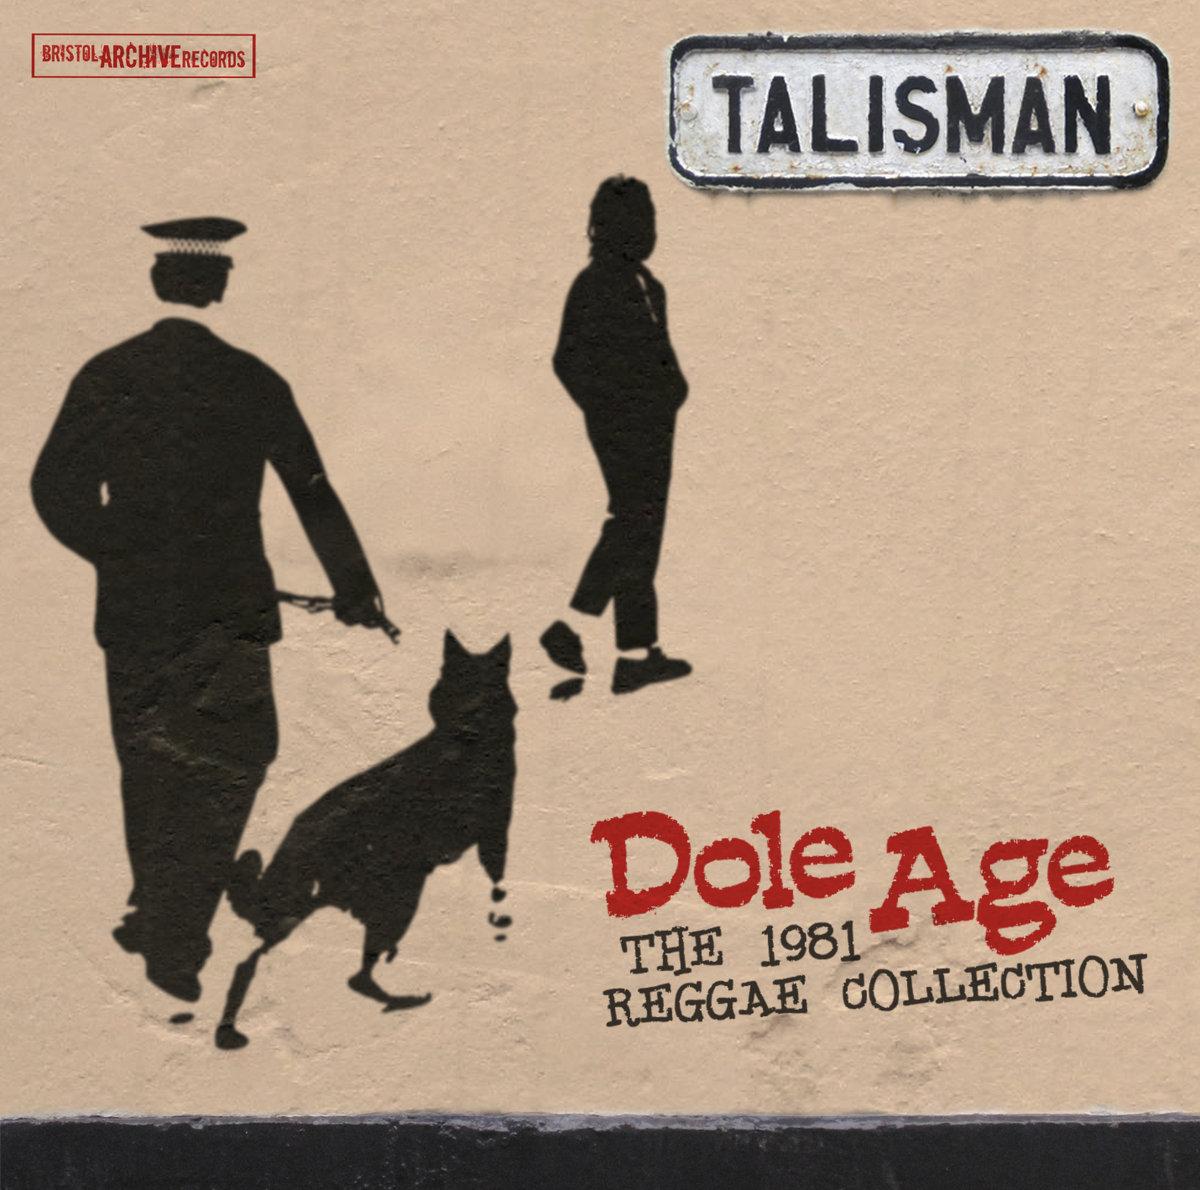 Dole Age - The 1981 Reggae Collection   Bristol Archive Records